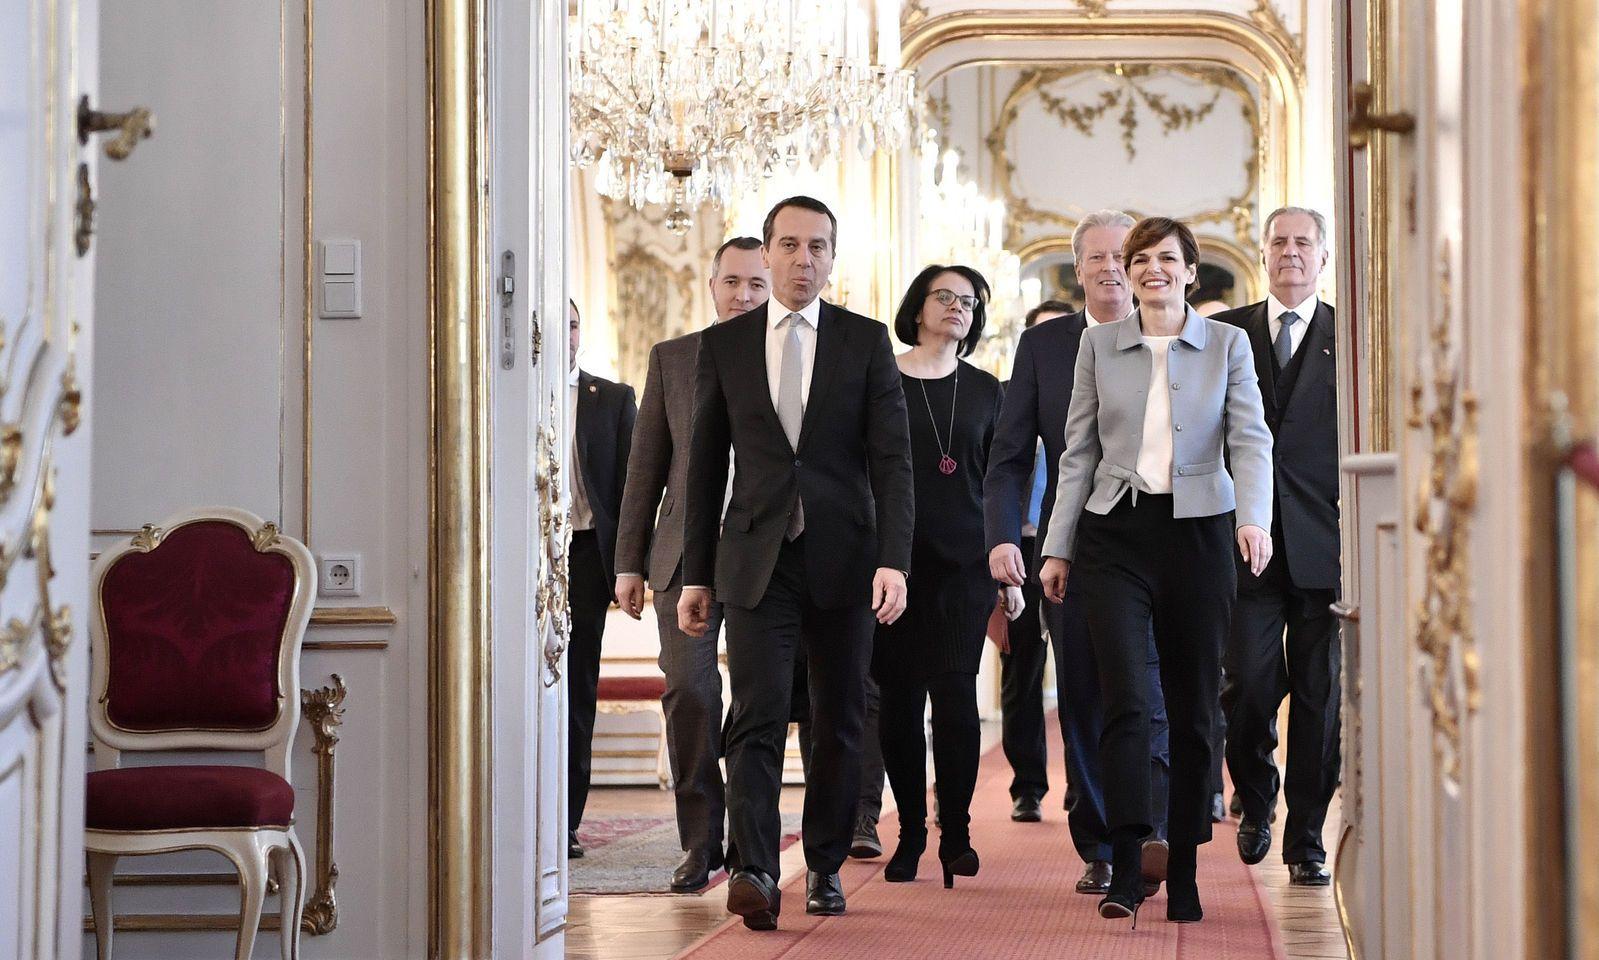 Kern und Rendi-Wagner auf dem Weg zur Angelobung der neuen Ministerin